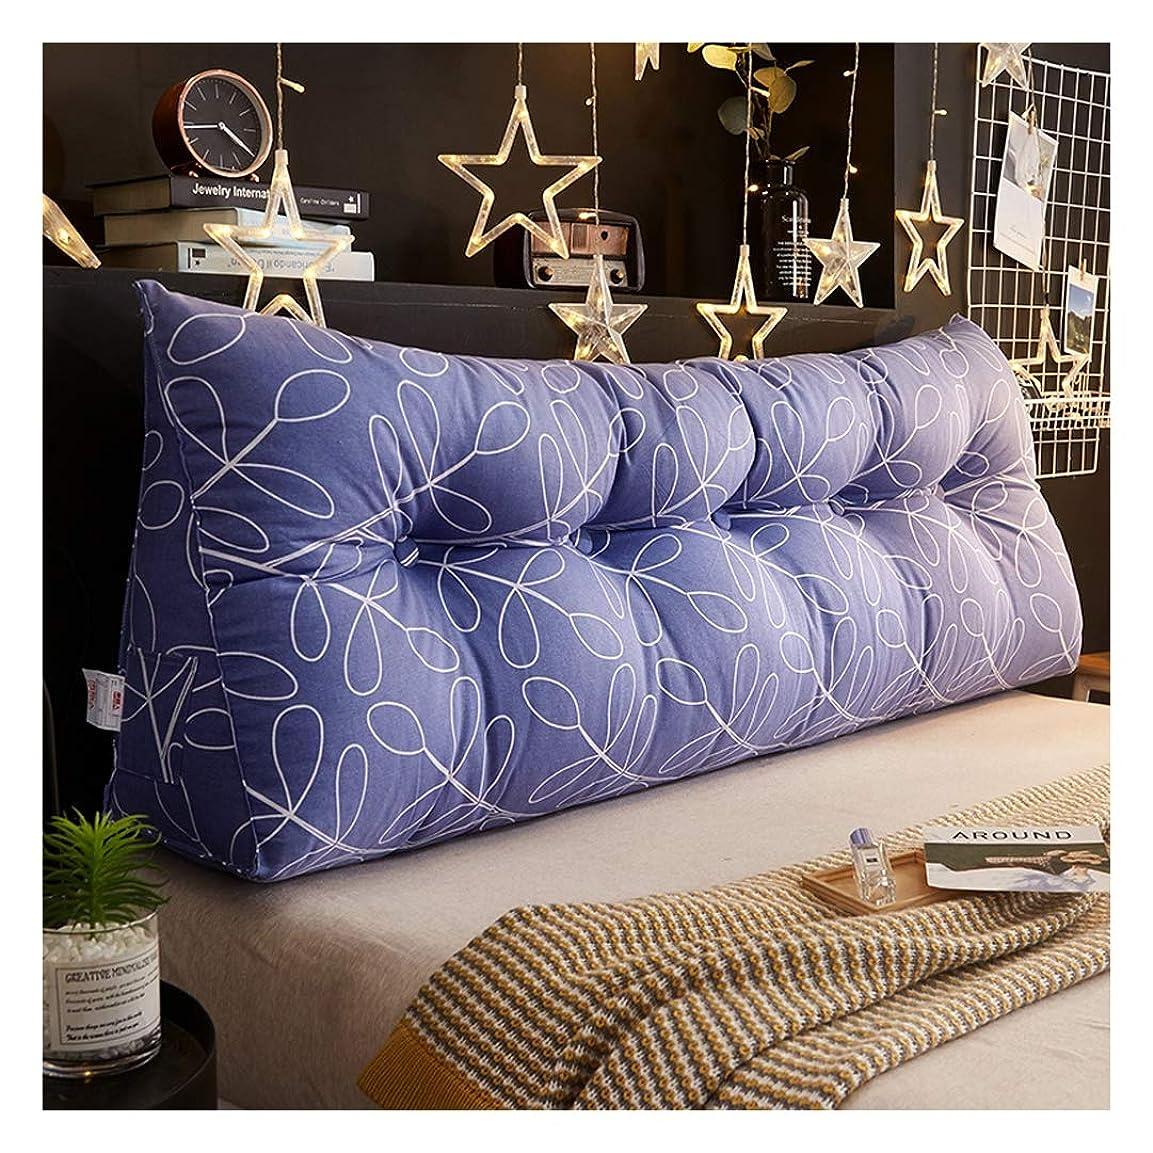 気取らない遺棄されたしないでください枕 まくら クッション 腰枕 三角枕 大きい三角襟ストライプのくさび、読書ヘッドレスト背もたれクッション日のベッドのソファーの装飾された畳のクッション長い枕クッション/紫色,150×25×50cm(59×10×19inch)